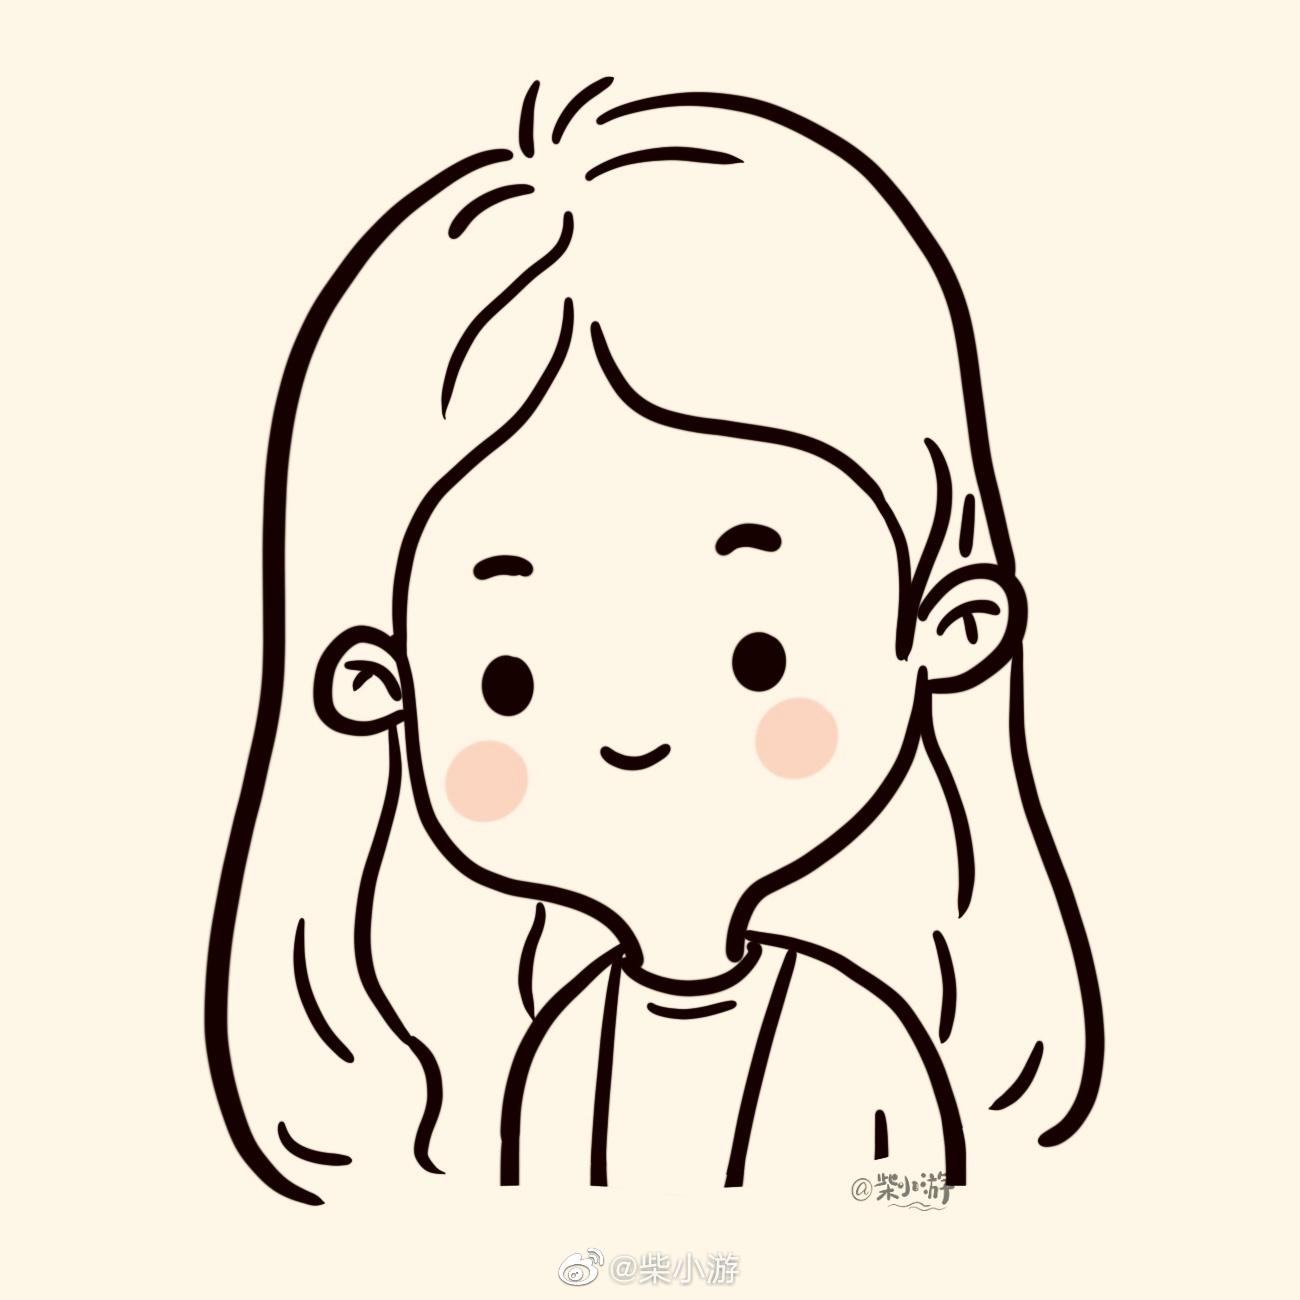 温柔的简笔画小头像 @柴小游